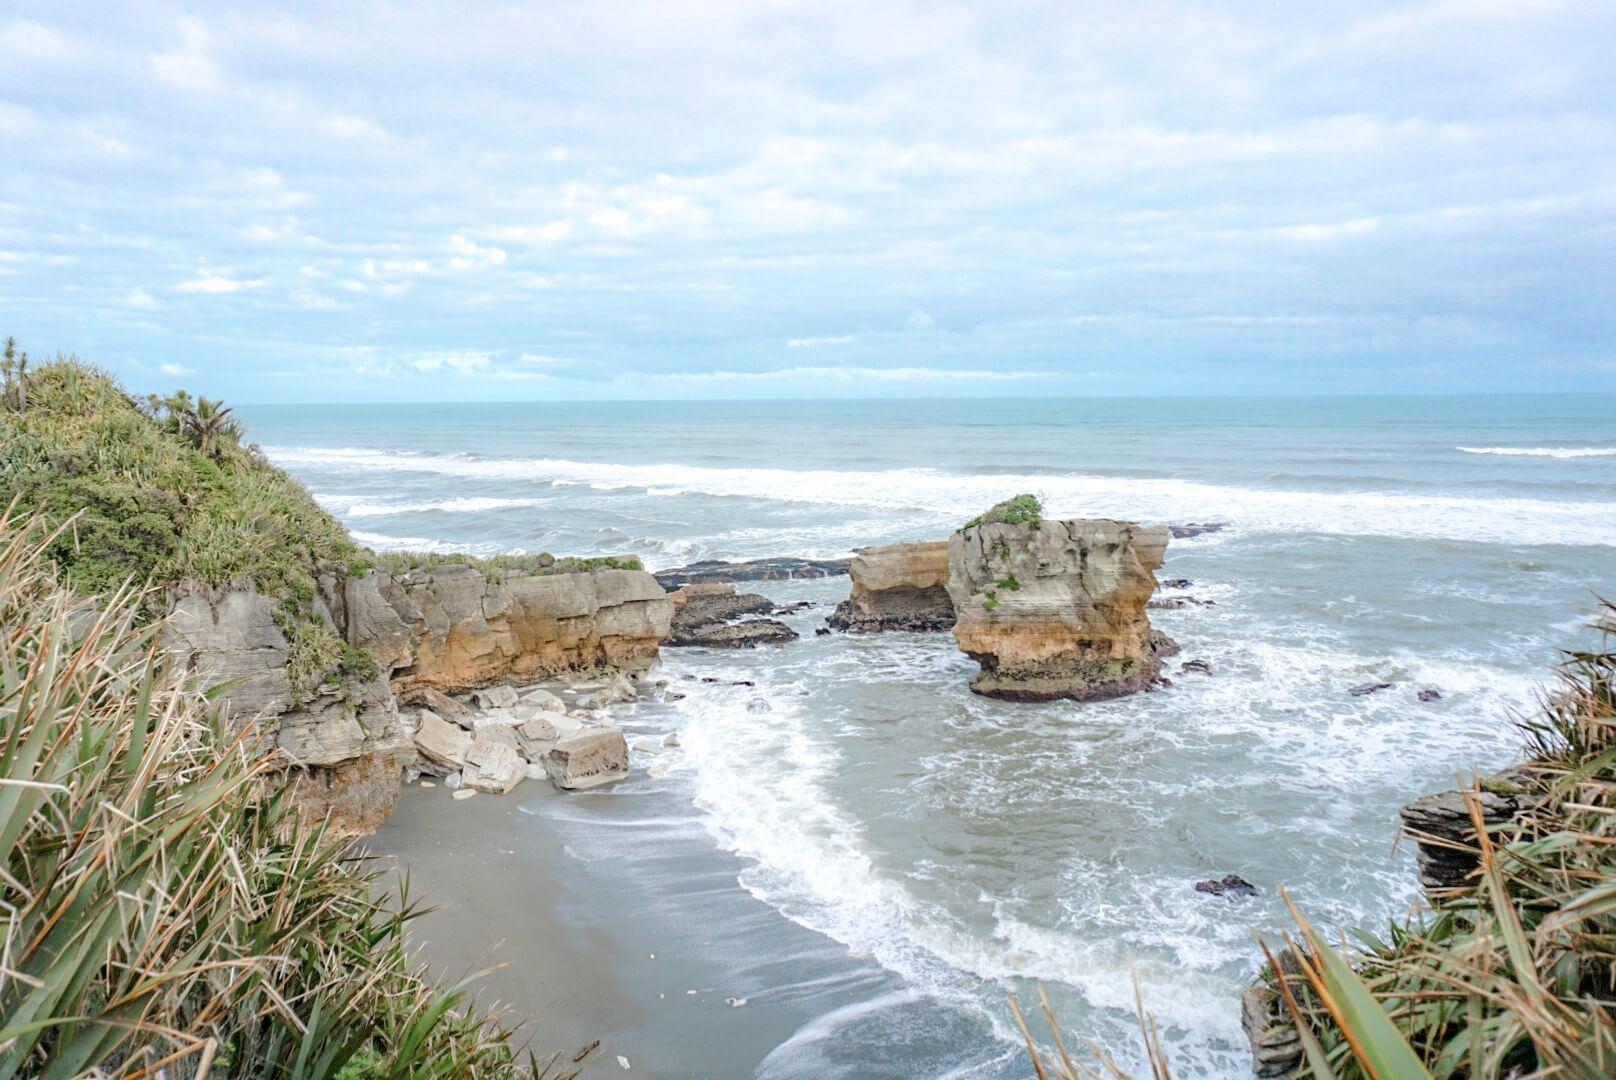 visiter les pancake rocks sur la cote ouest de l'ile du sud de la nouvelle zelande